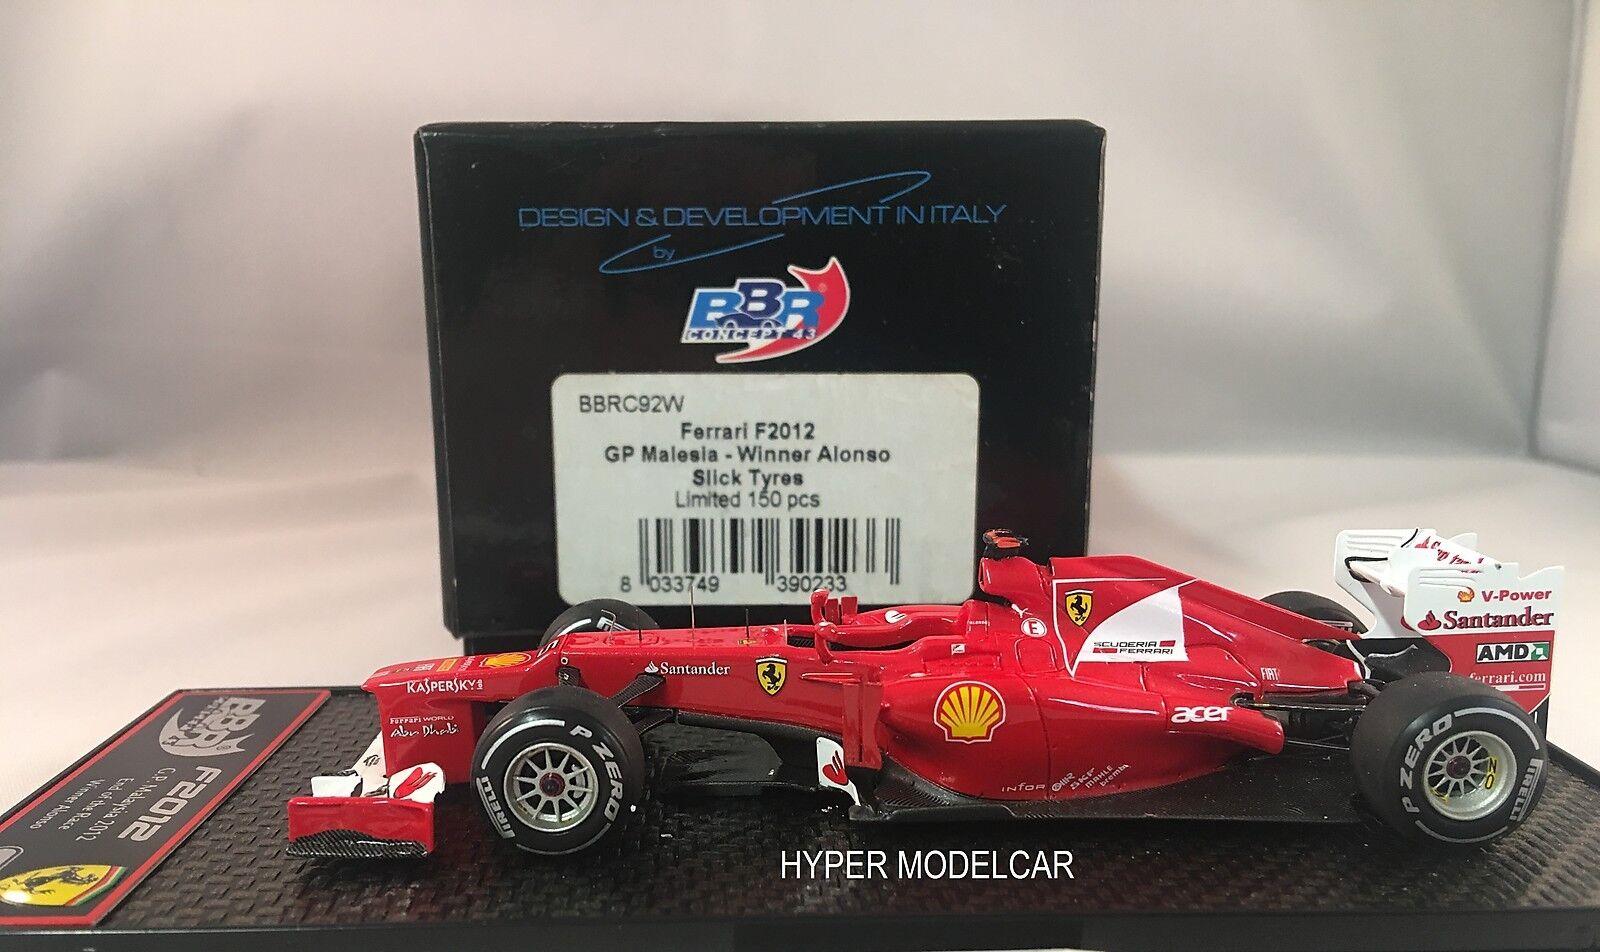 BBR Models 1 43 F1 Ferrari F2012  5 Winner Gp Malesia  F. Alonso BBRC92W